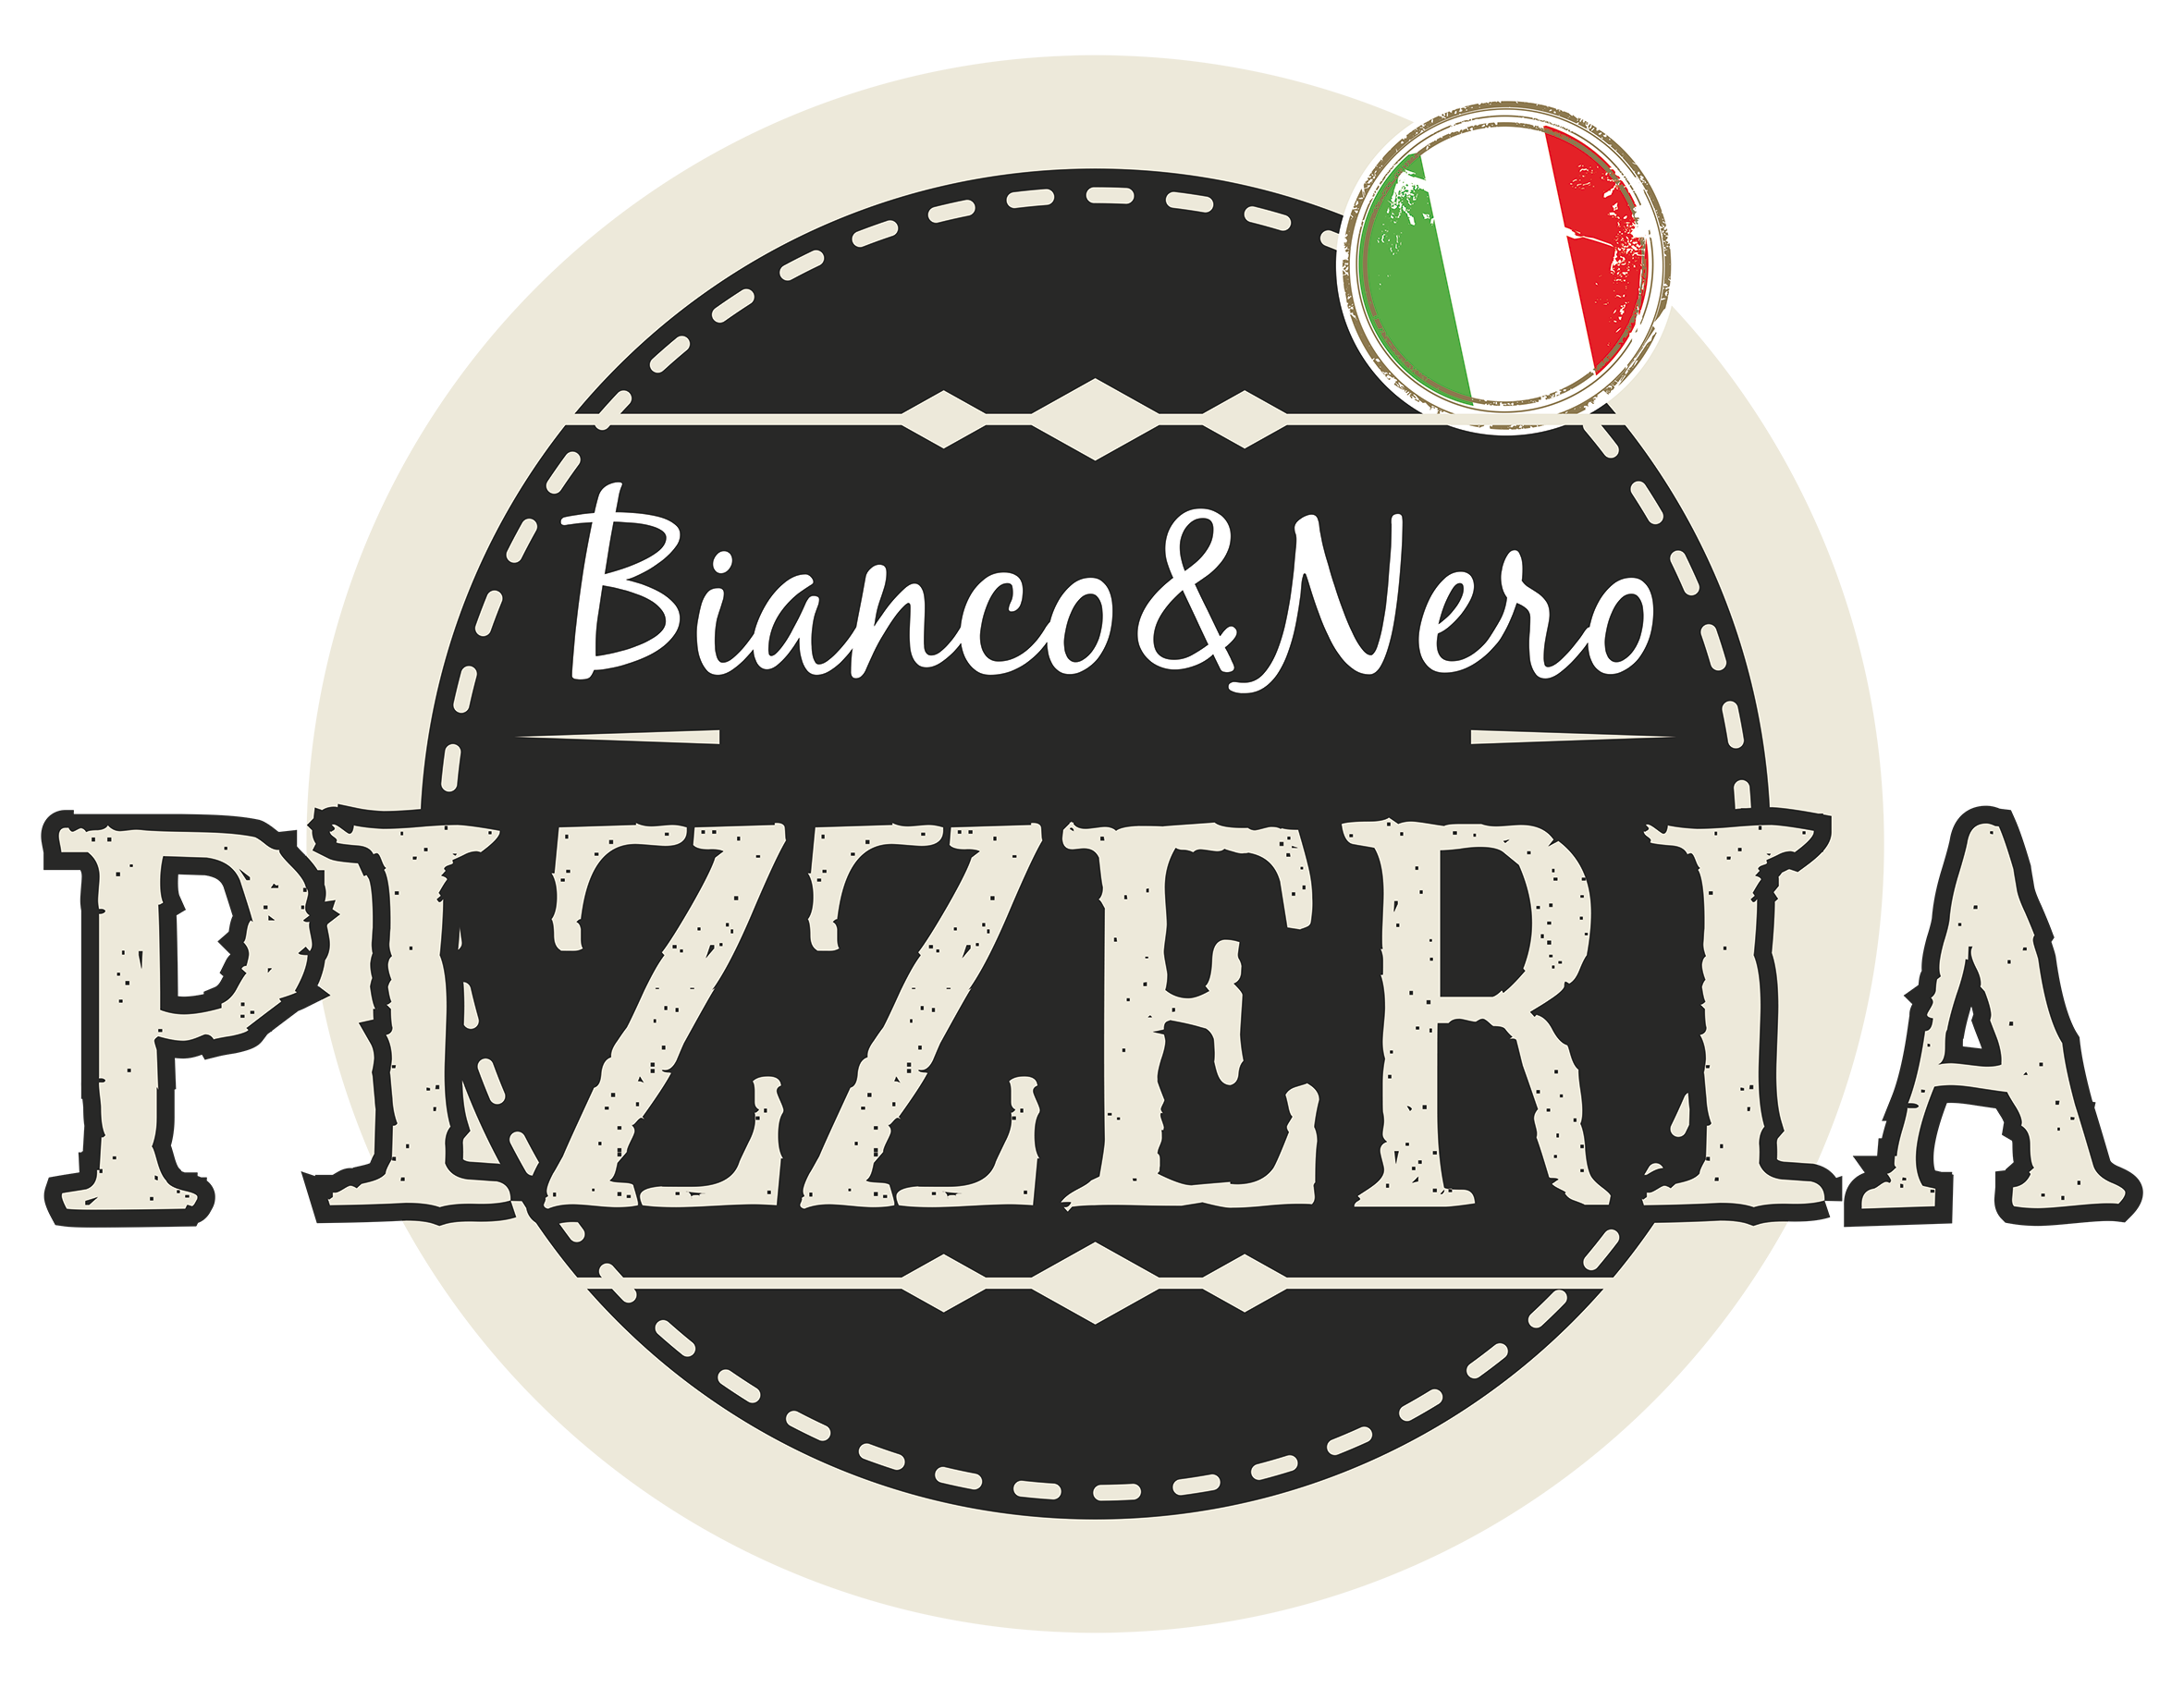 pizzeriabiancoenero logo